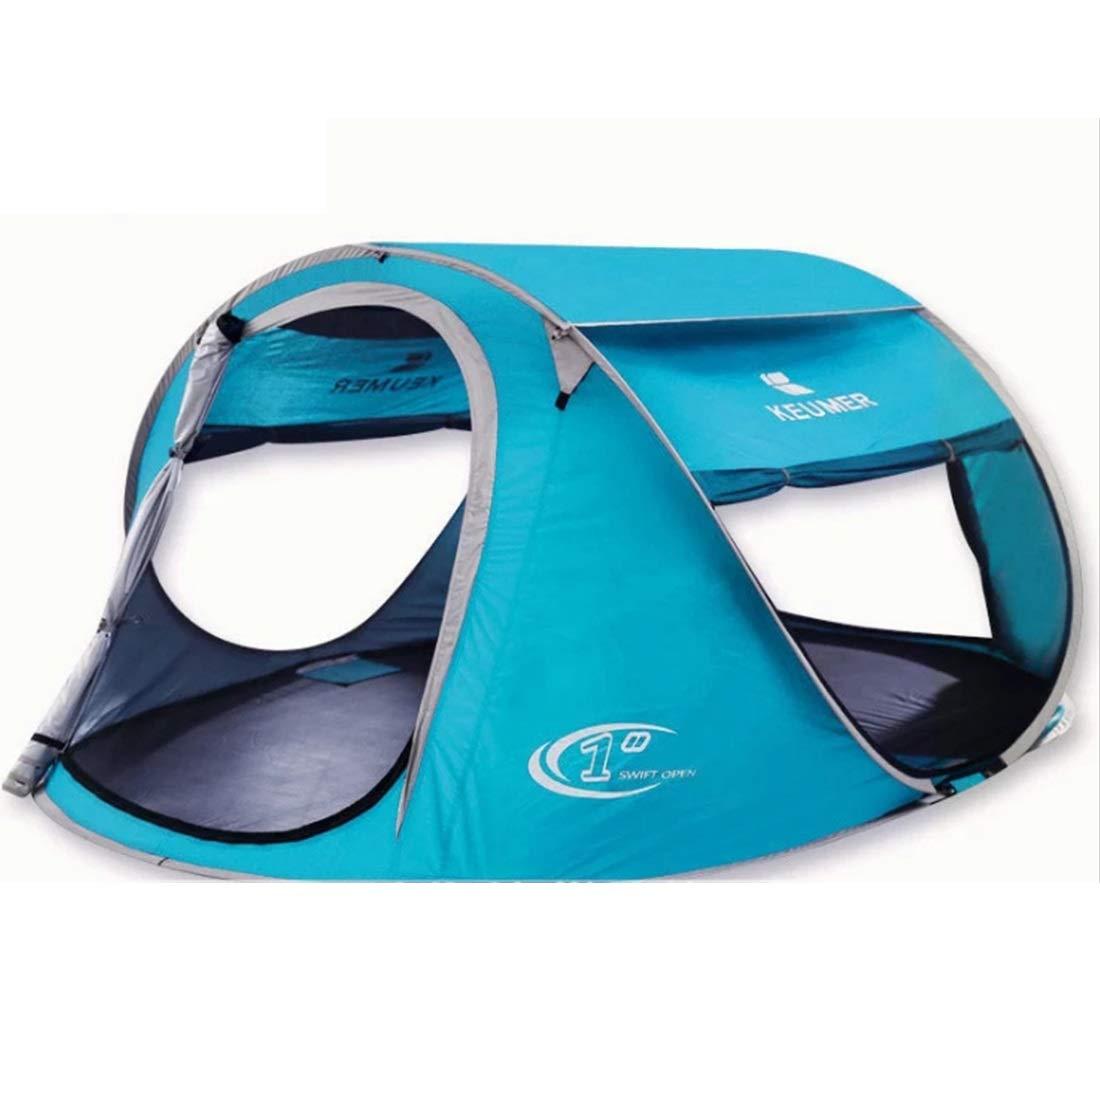 Kunliyin YY1 Automatisches Zelt für 3 Personen oder 4 Personen für Wildcamping